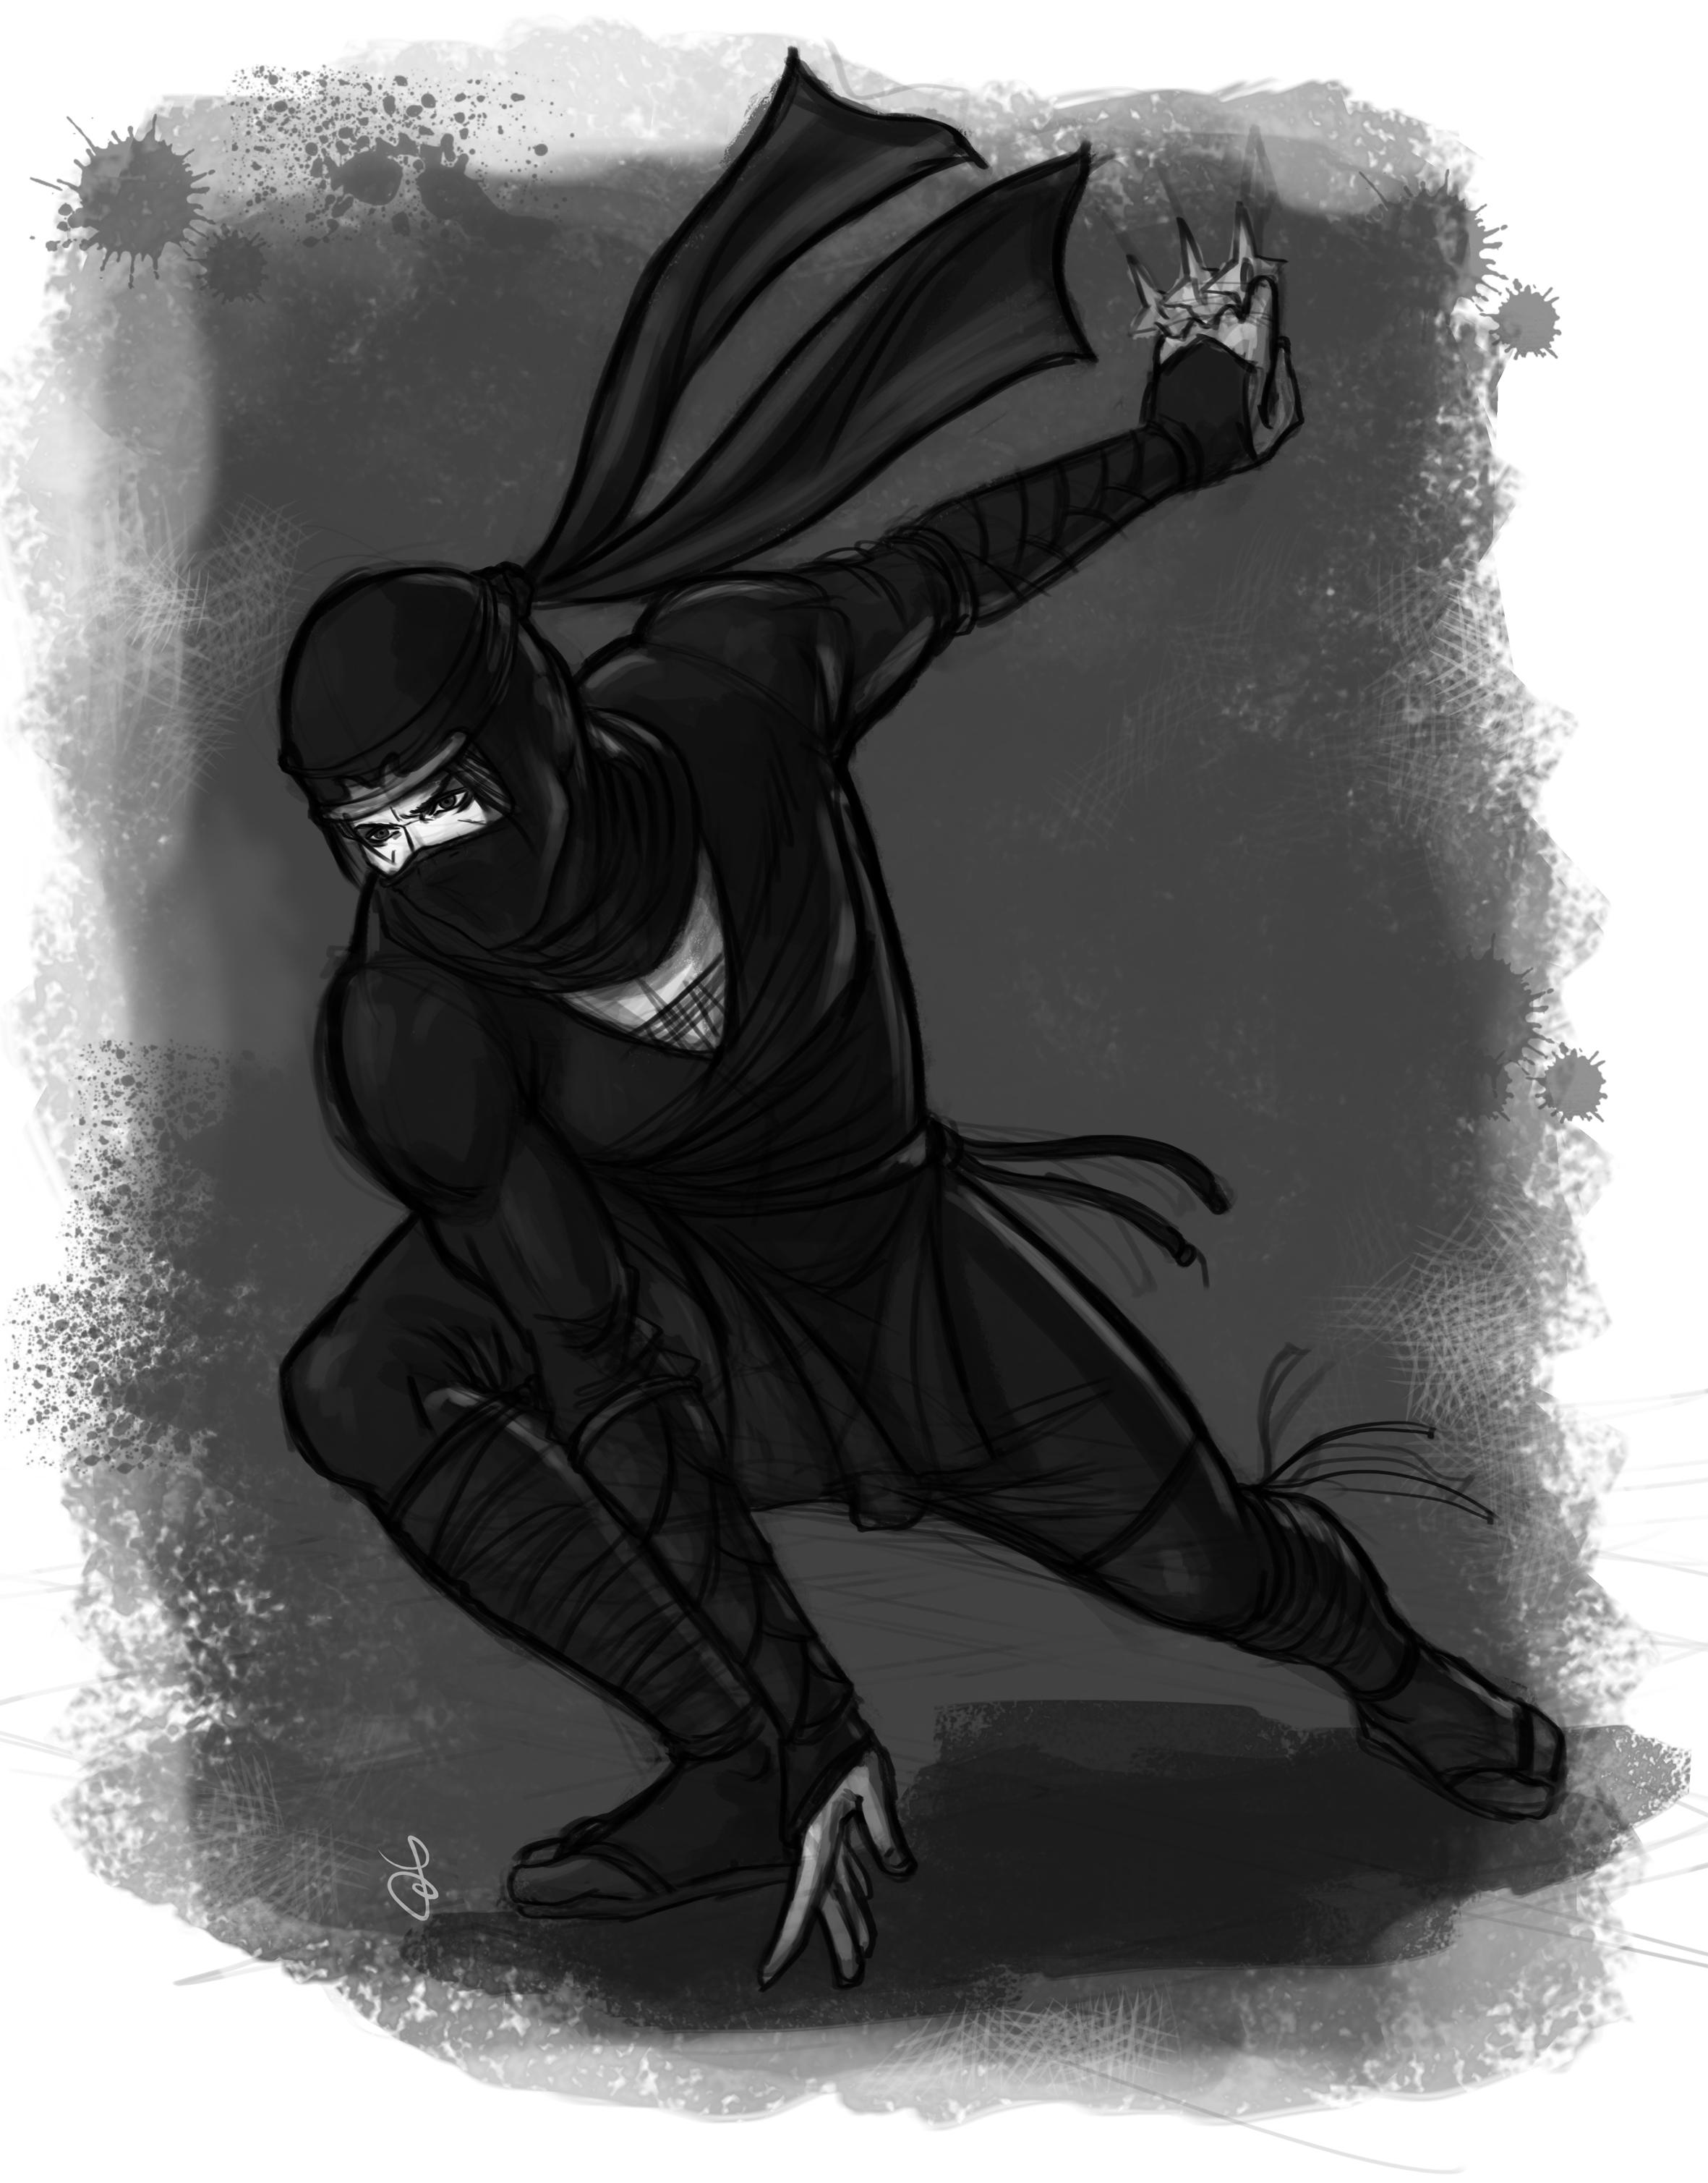 http://www.francescaangelinelli.it/wp-content/uploads/2017/02/ninja1.jpg